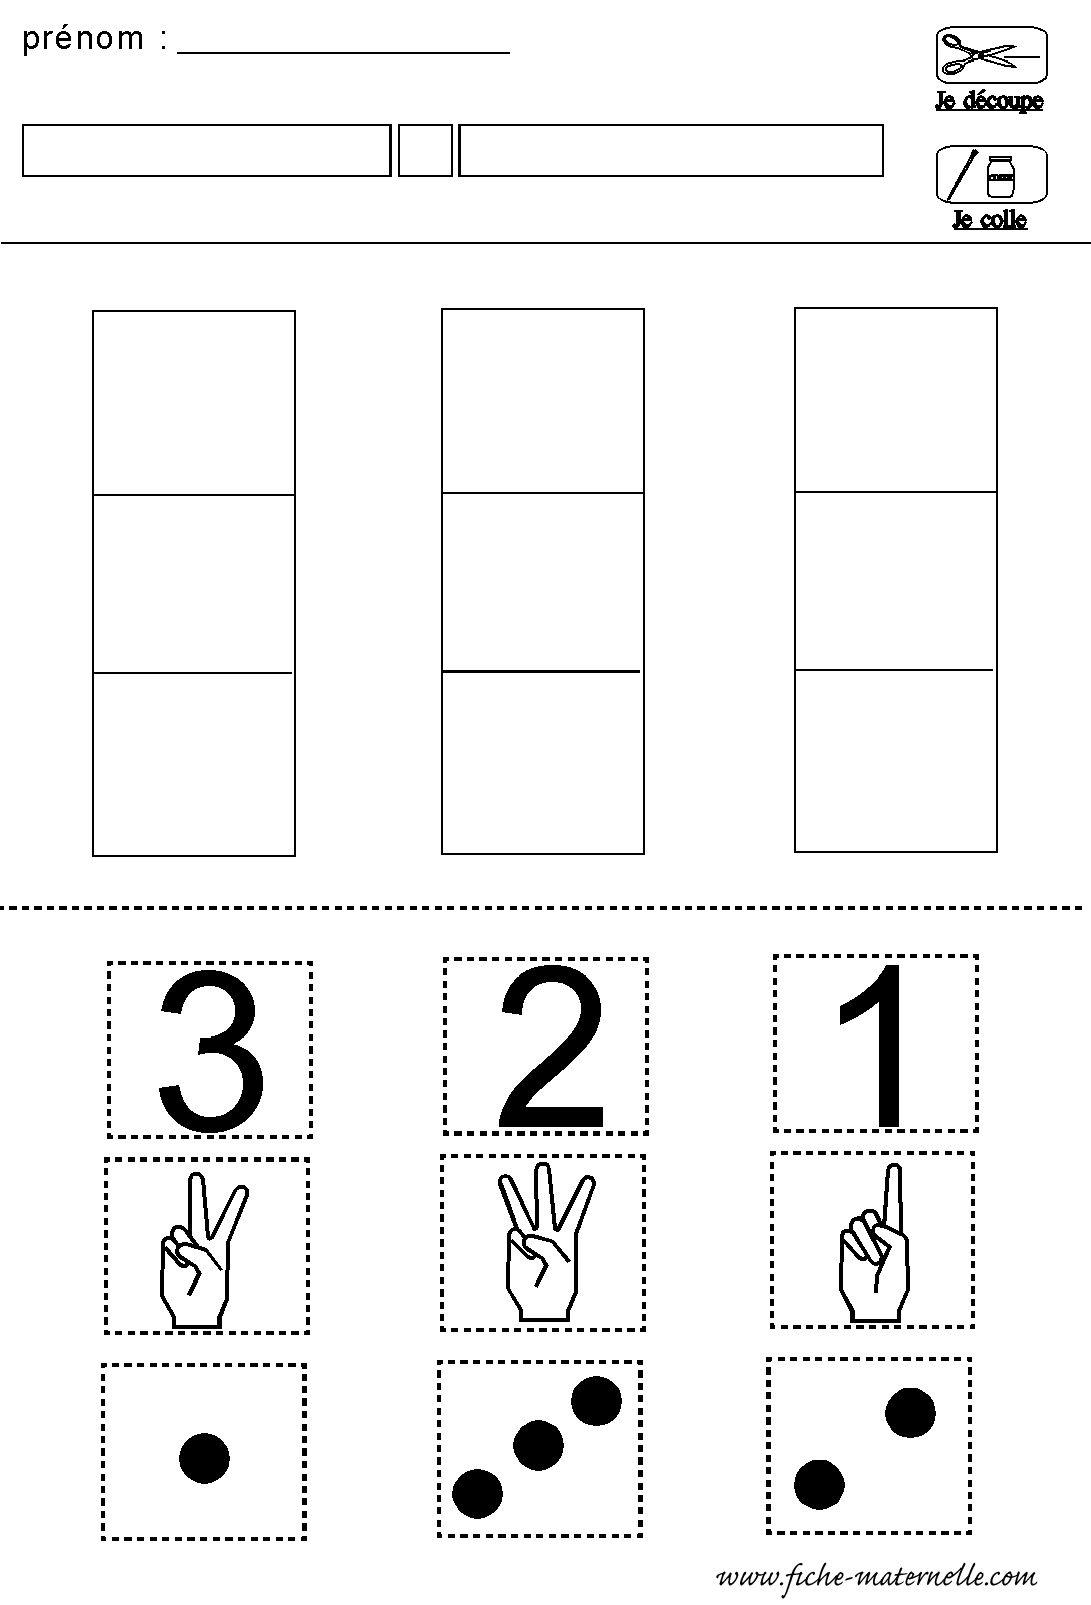 chiffre constellation doigts | Mathématiques à l'école maternelle ...